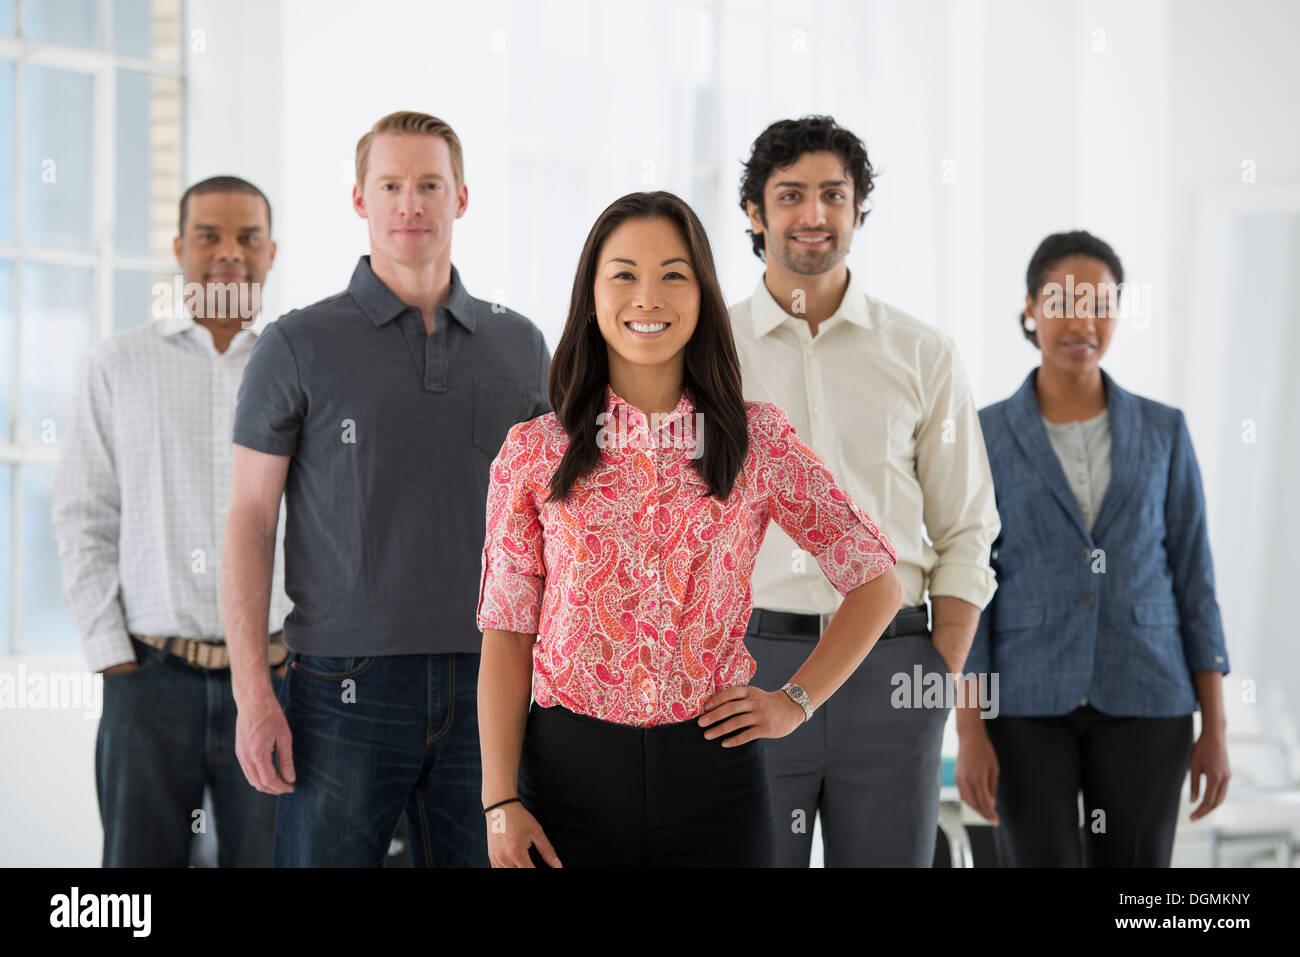 Los negocios. Un equipo de personas, un grupo multiétnico, hombres y mujeres de un grupo. Imagen De Stock